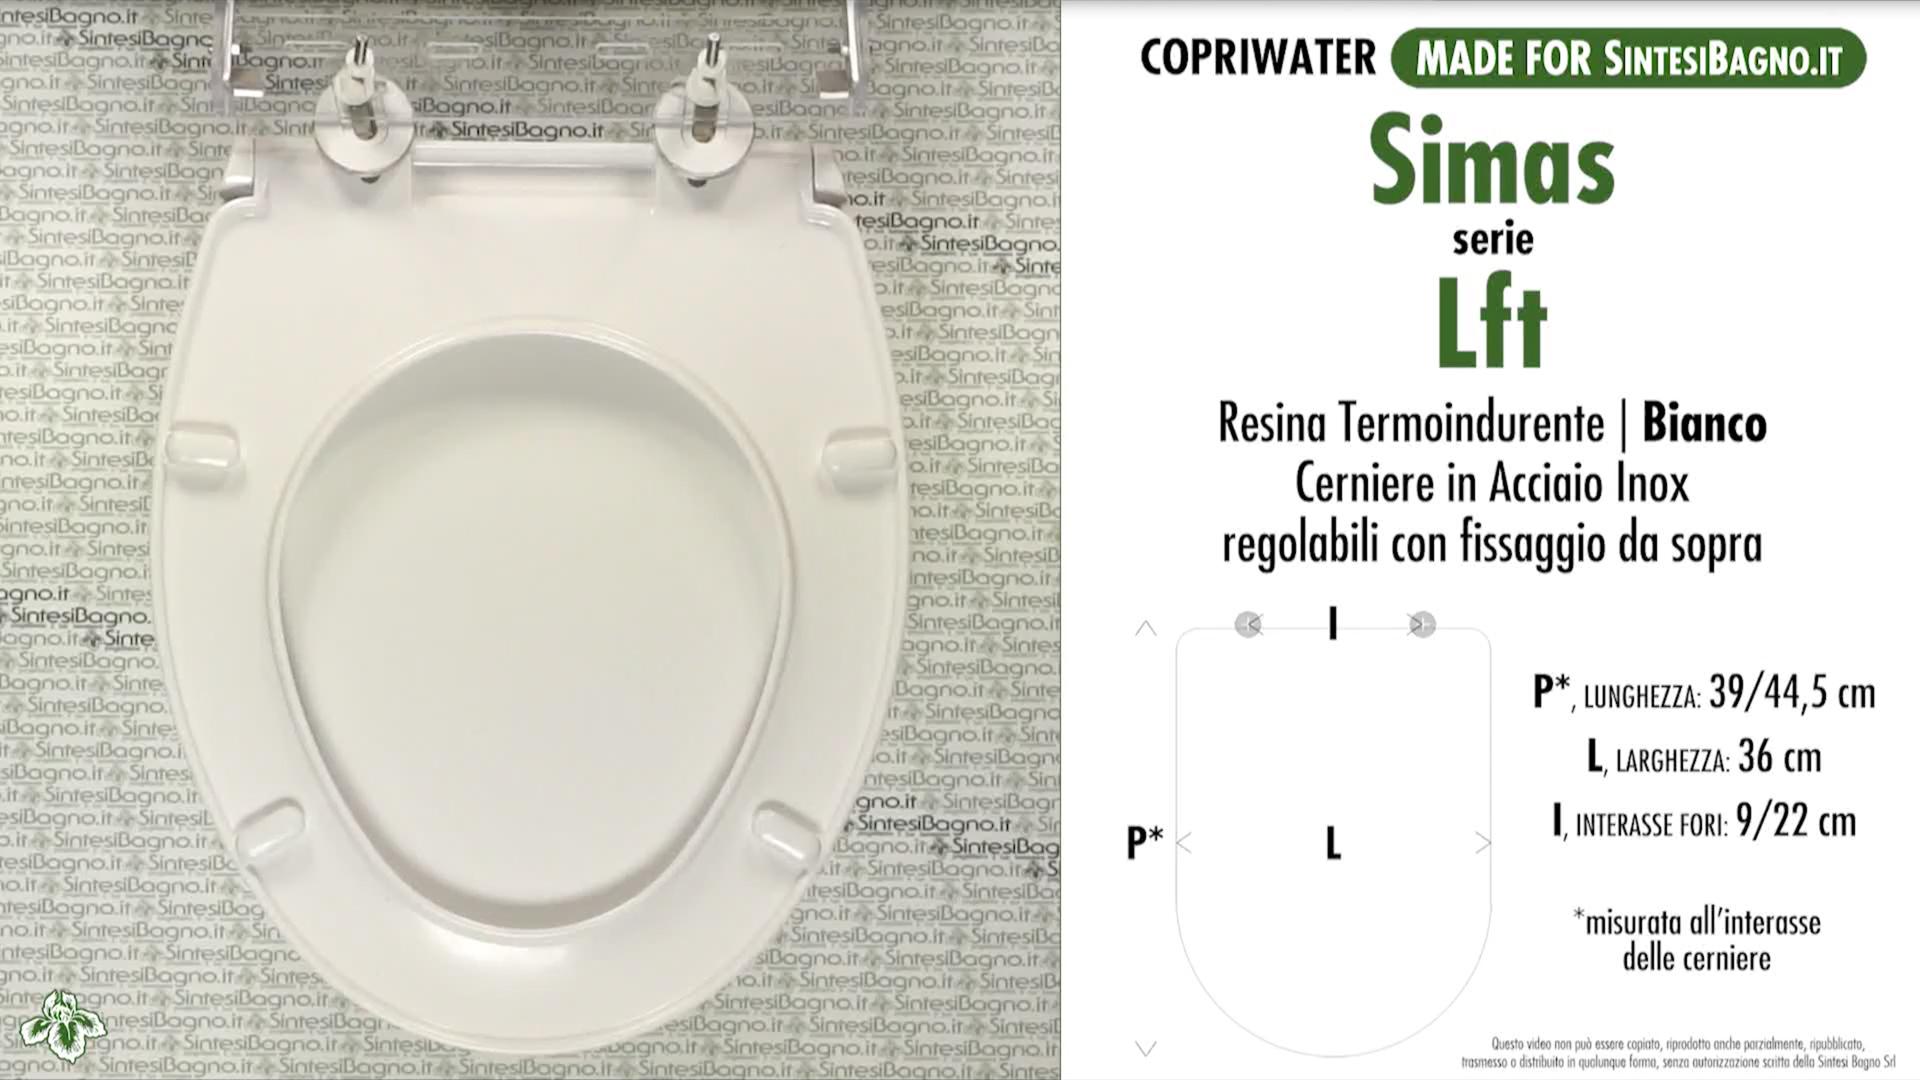 SCHEDA TECNICA MISURE copriwater SIMAS LFT